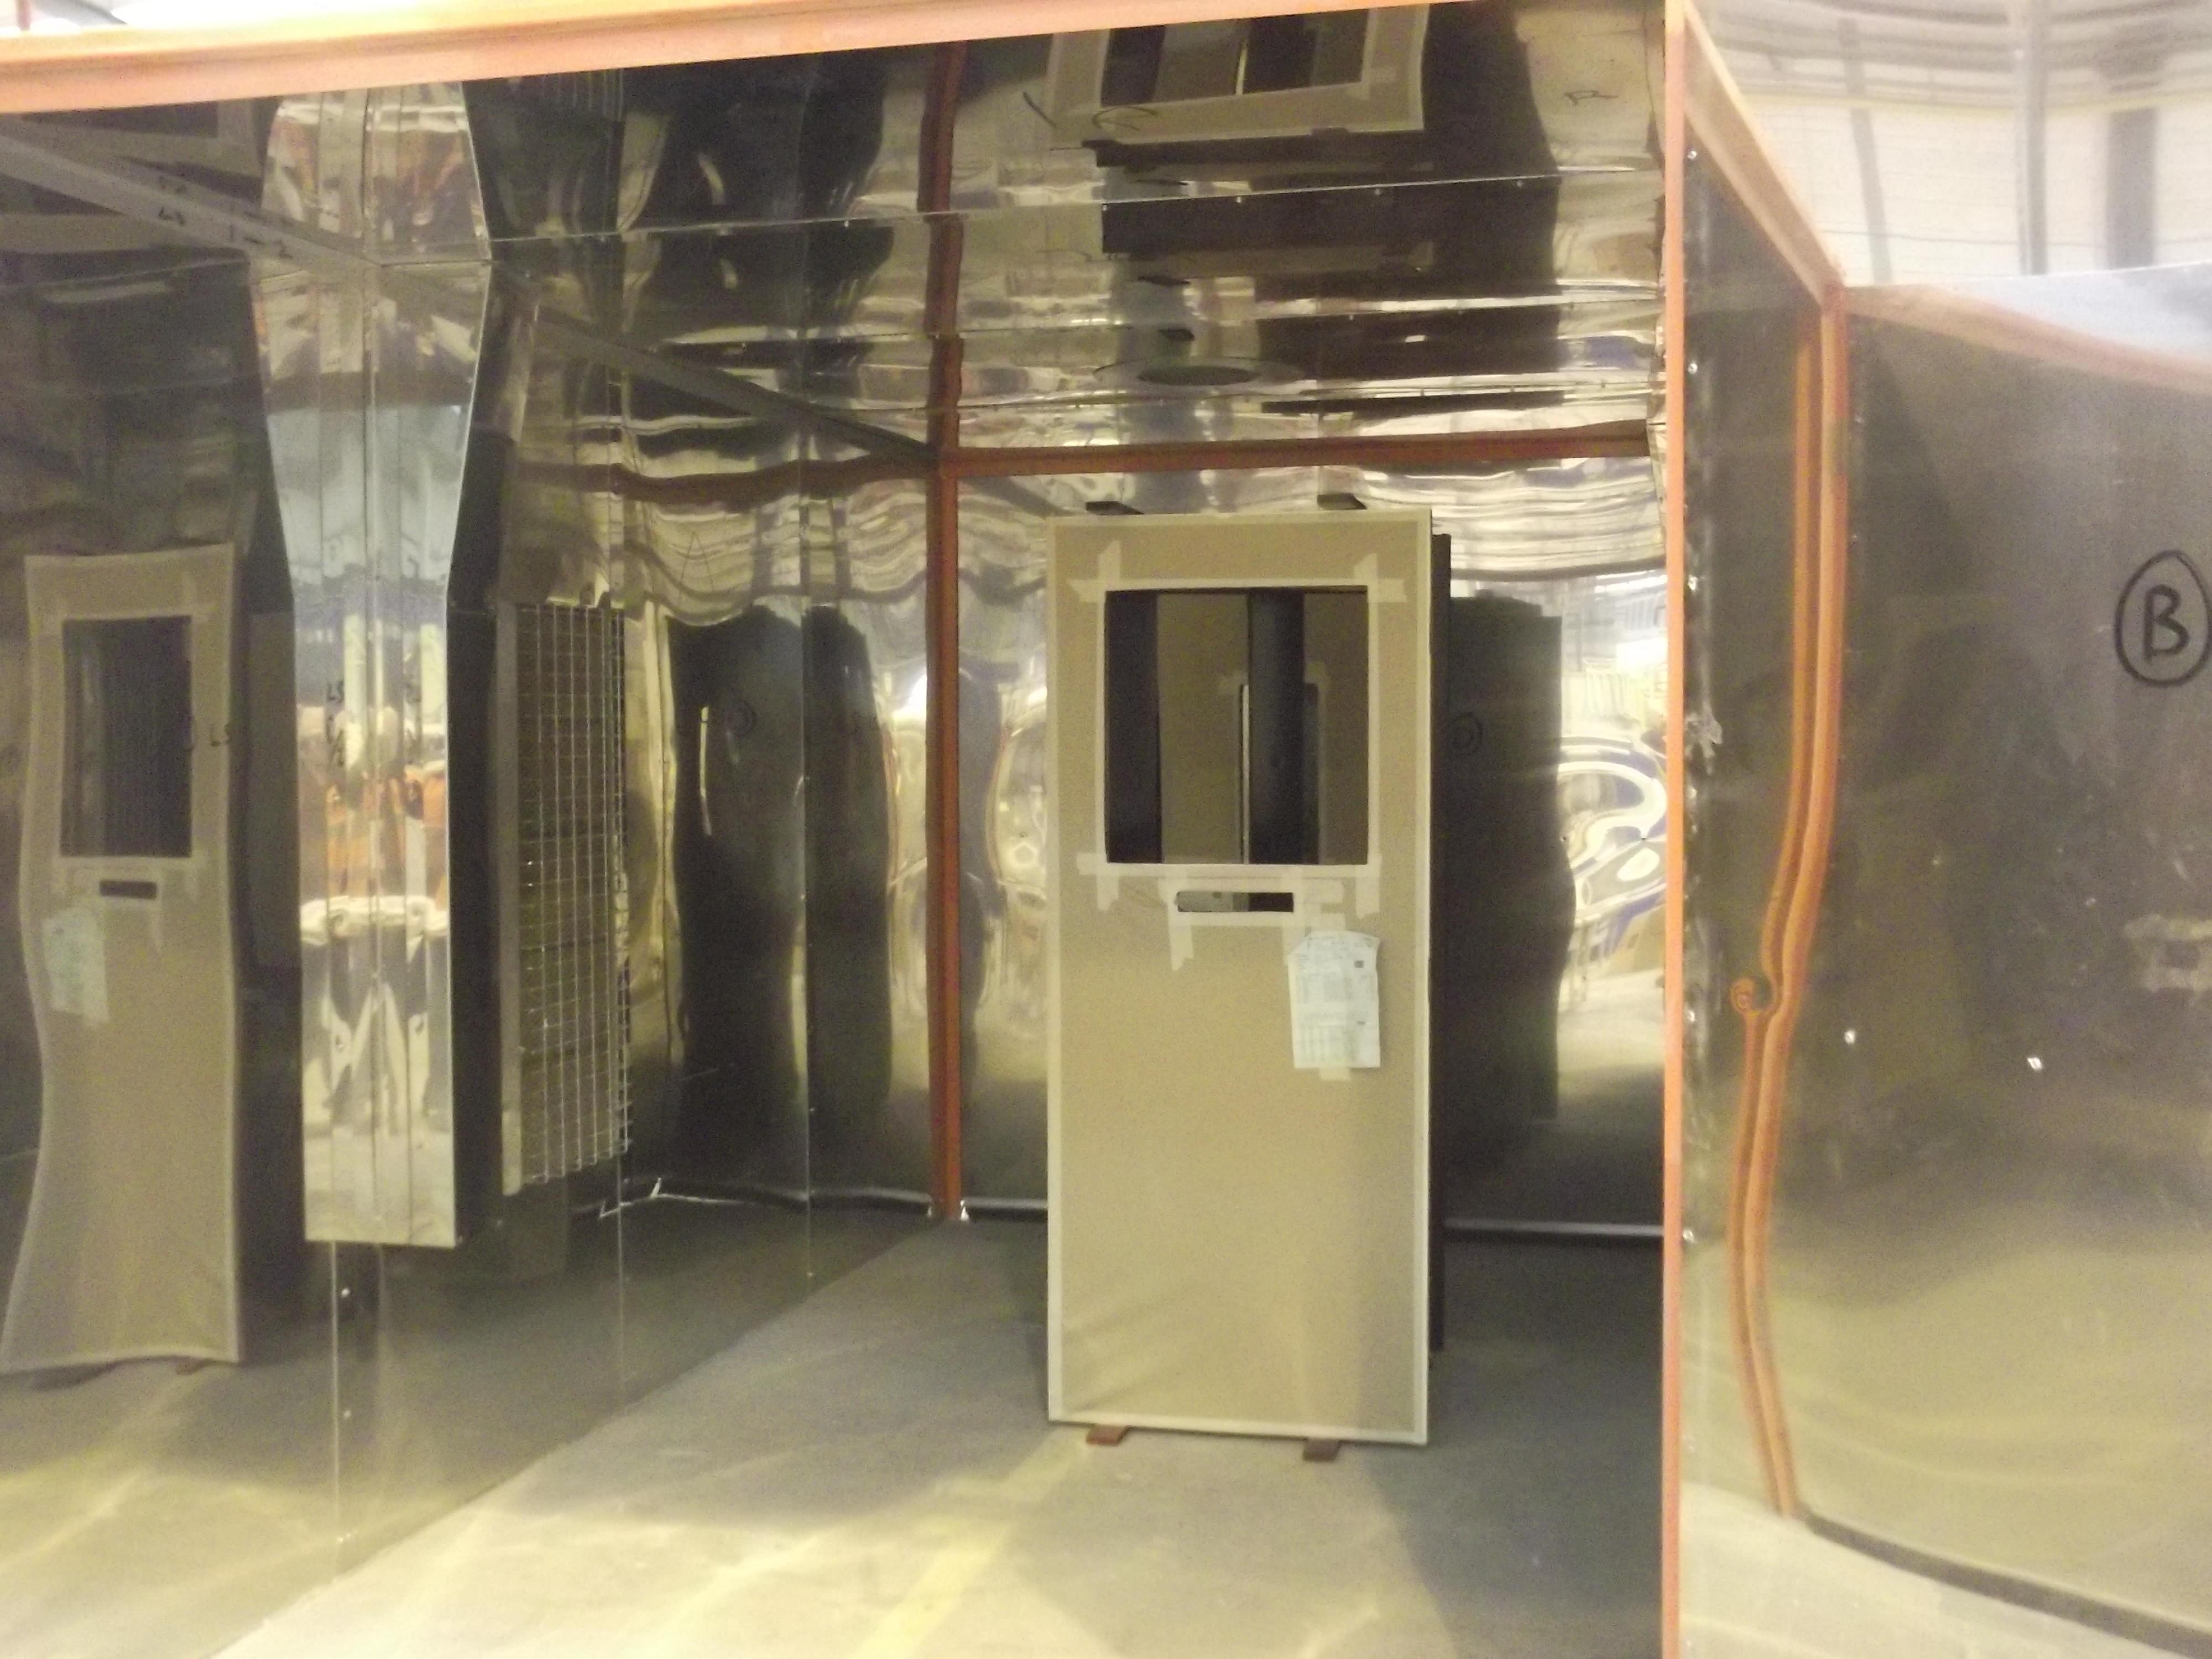 DSCF0856 & IG Doors Go The Schubox Route - SCHUBERTS